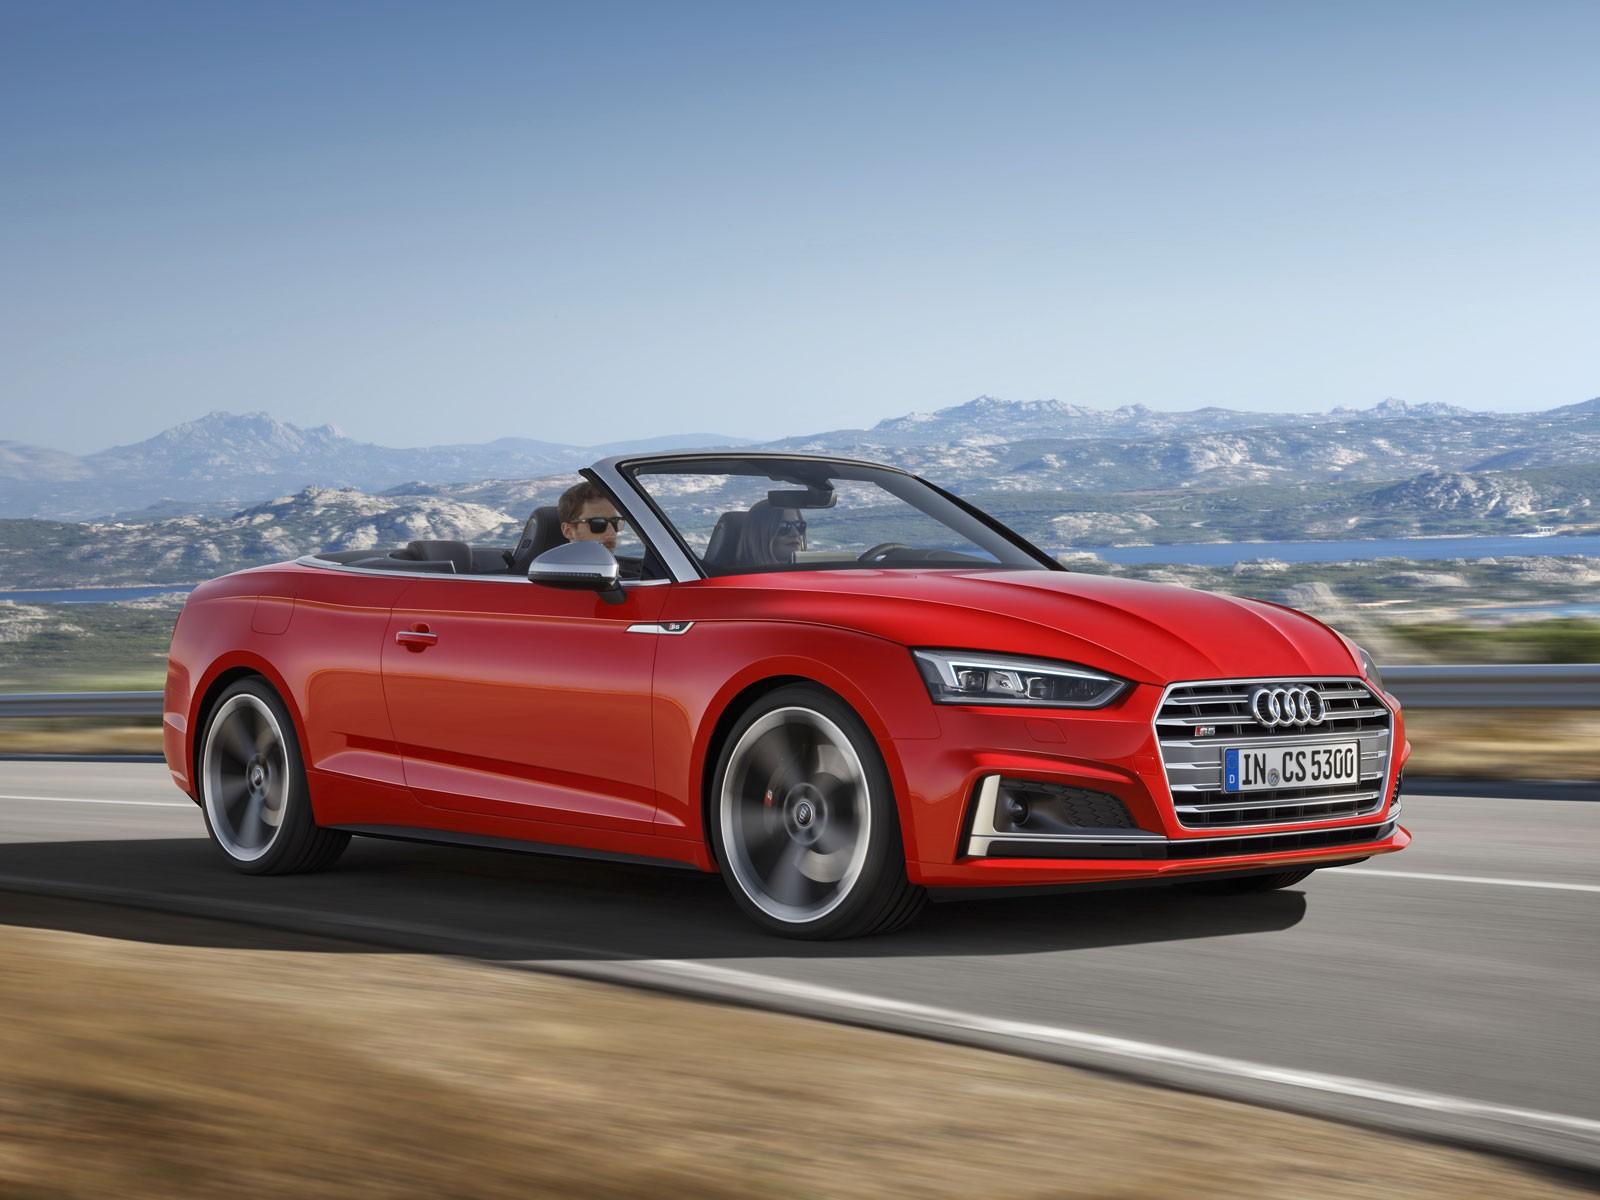 Image Result For Audi A Tfsi Gebrauchtwagen